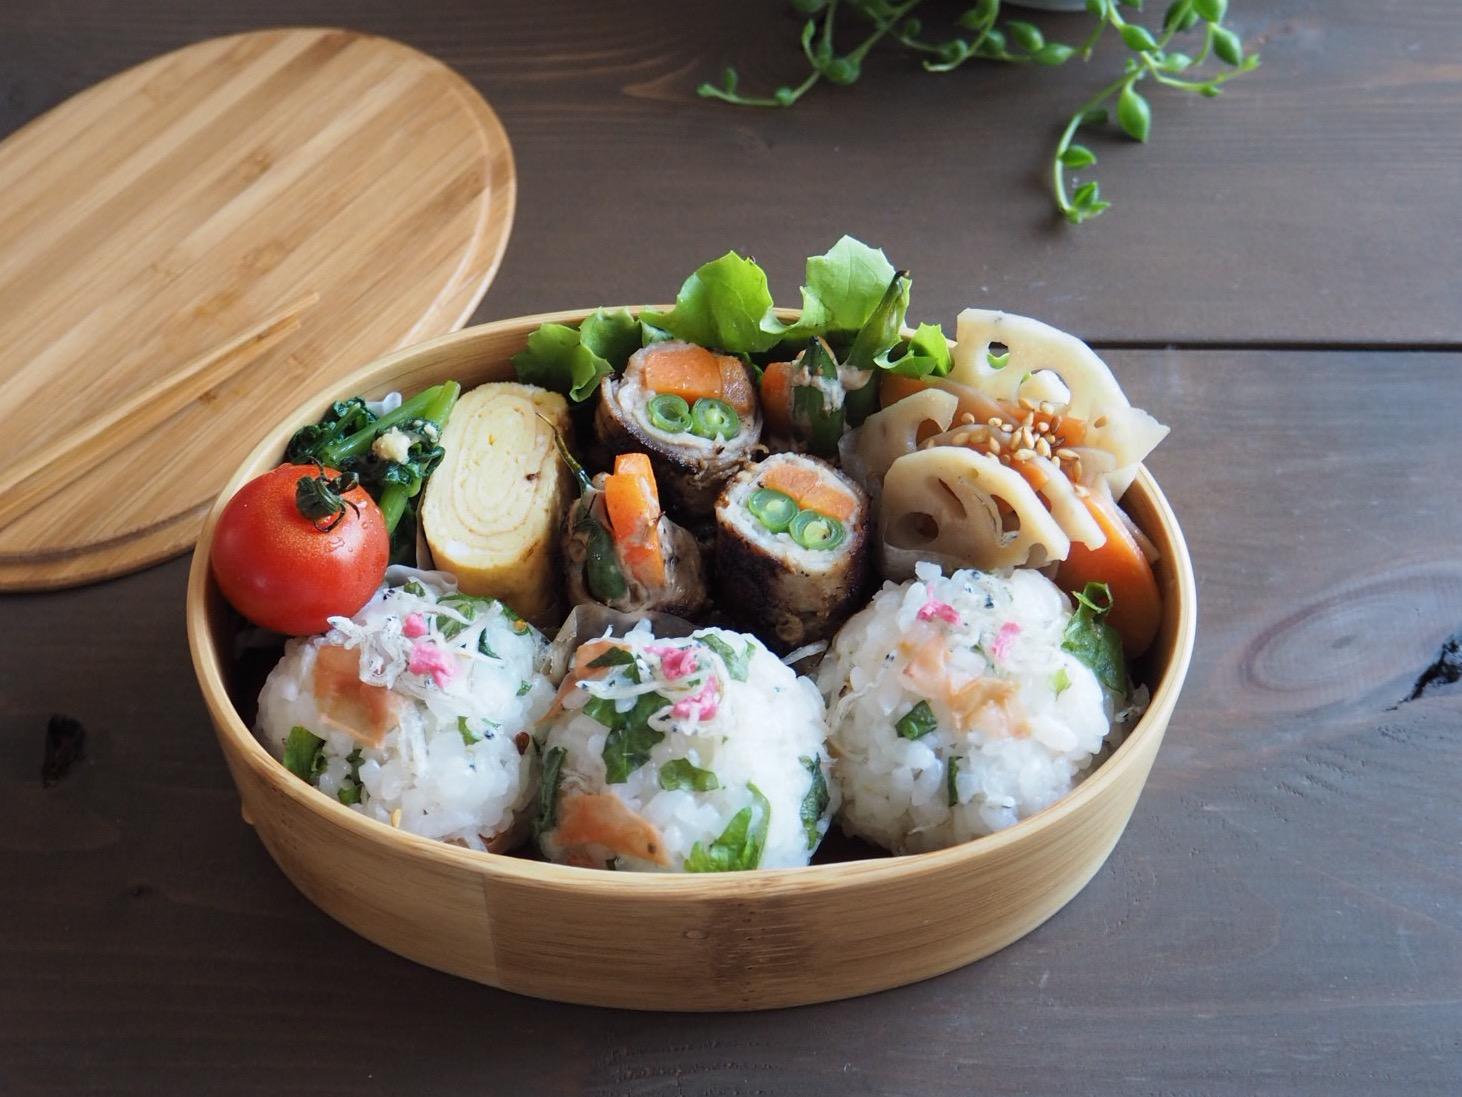 野菜の肉巻きと梅しそじゃこのおにぎり弁当_c0270834_7553462.jpg